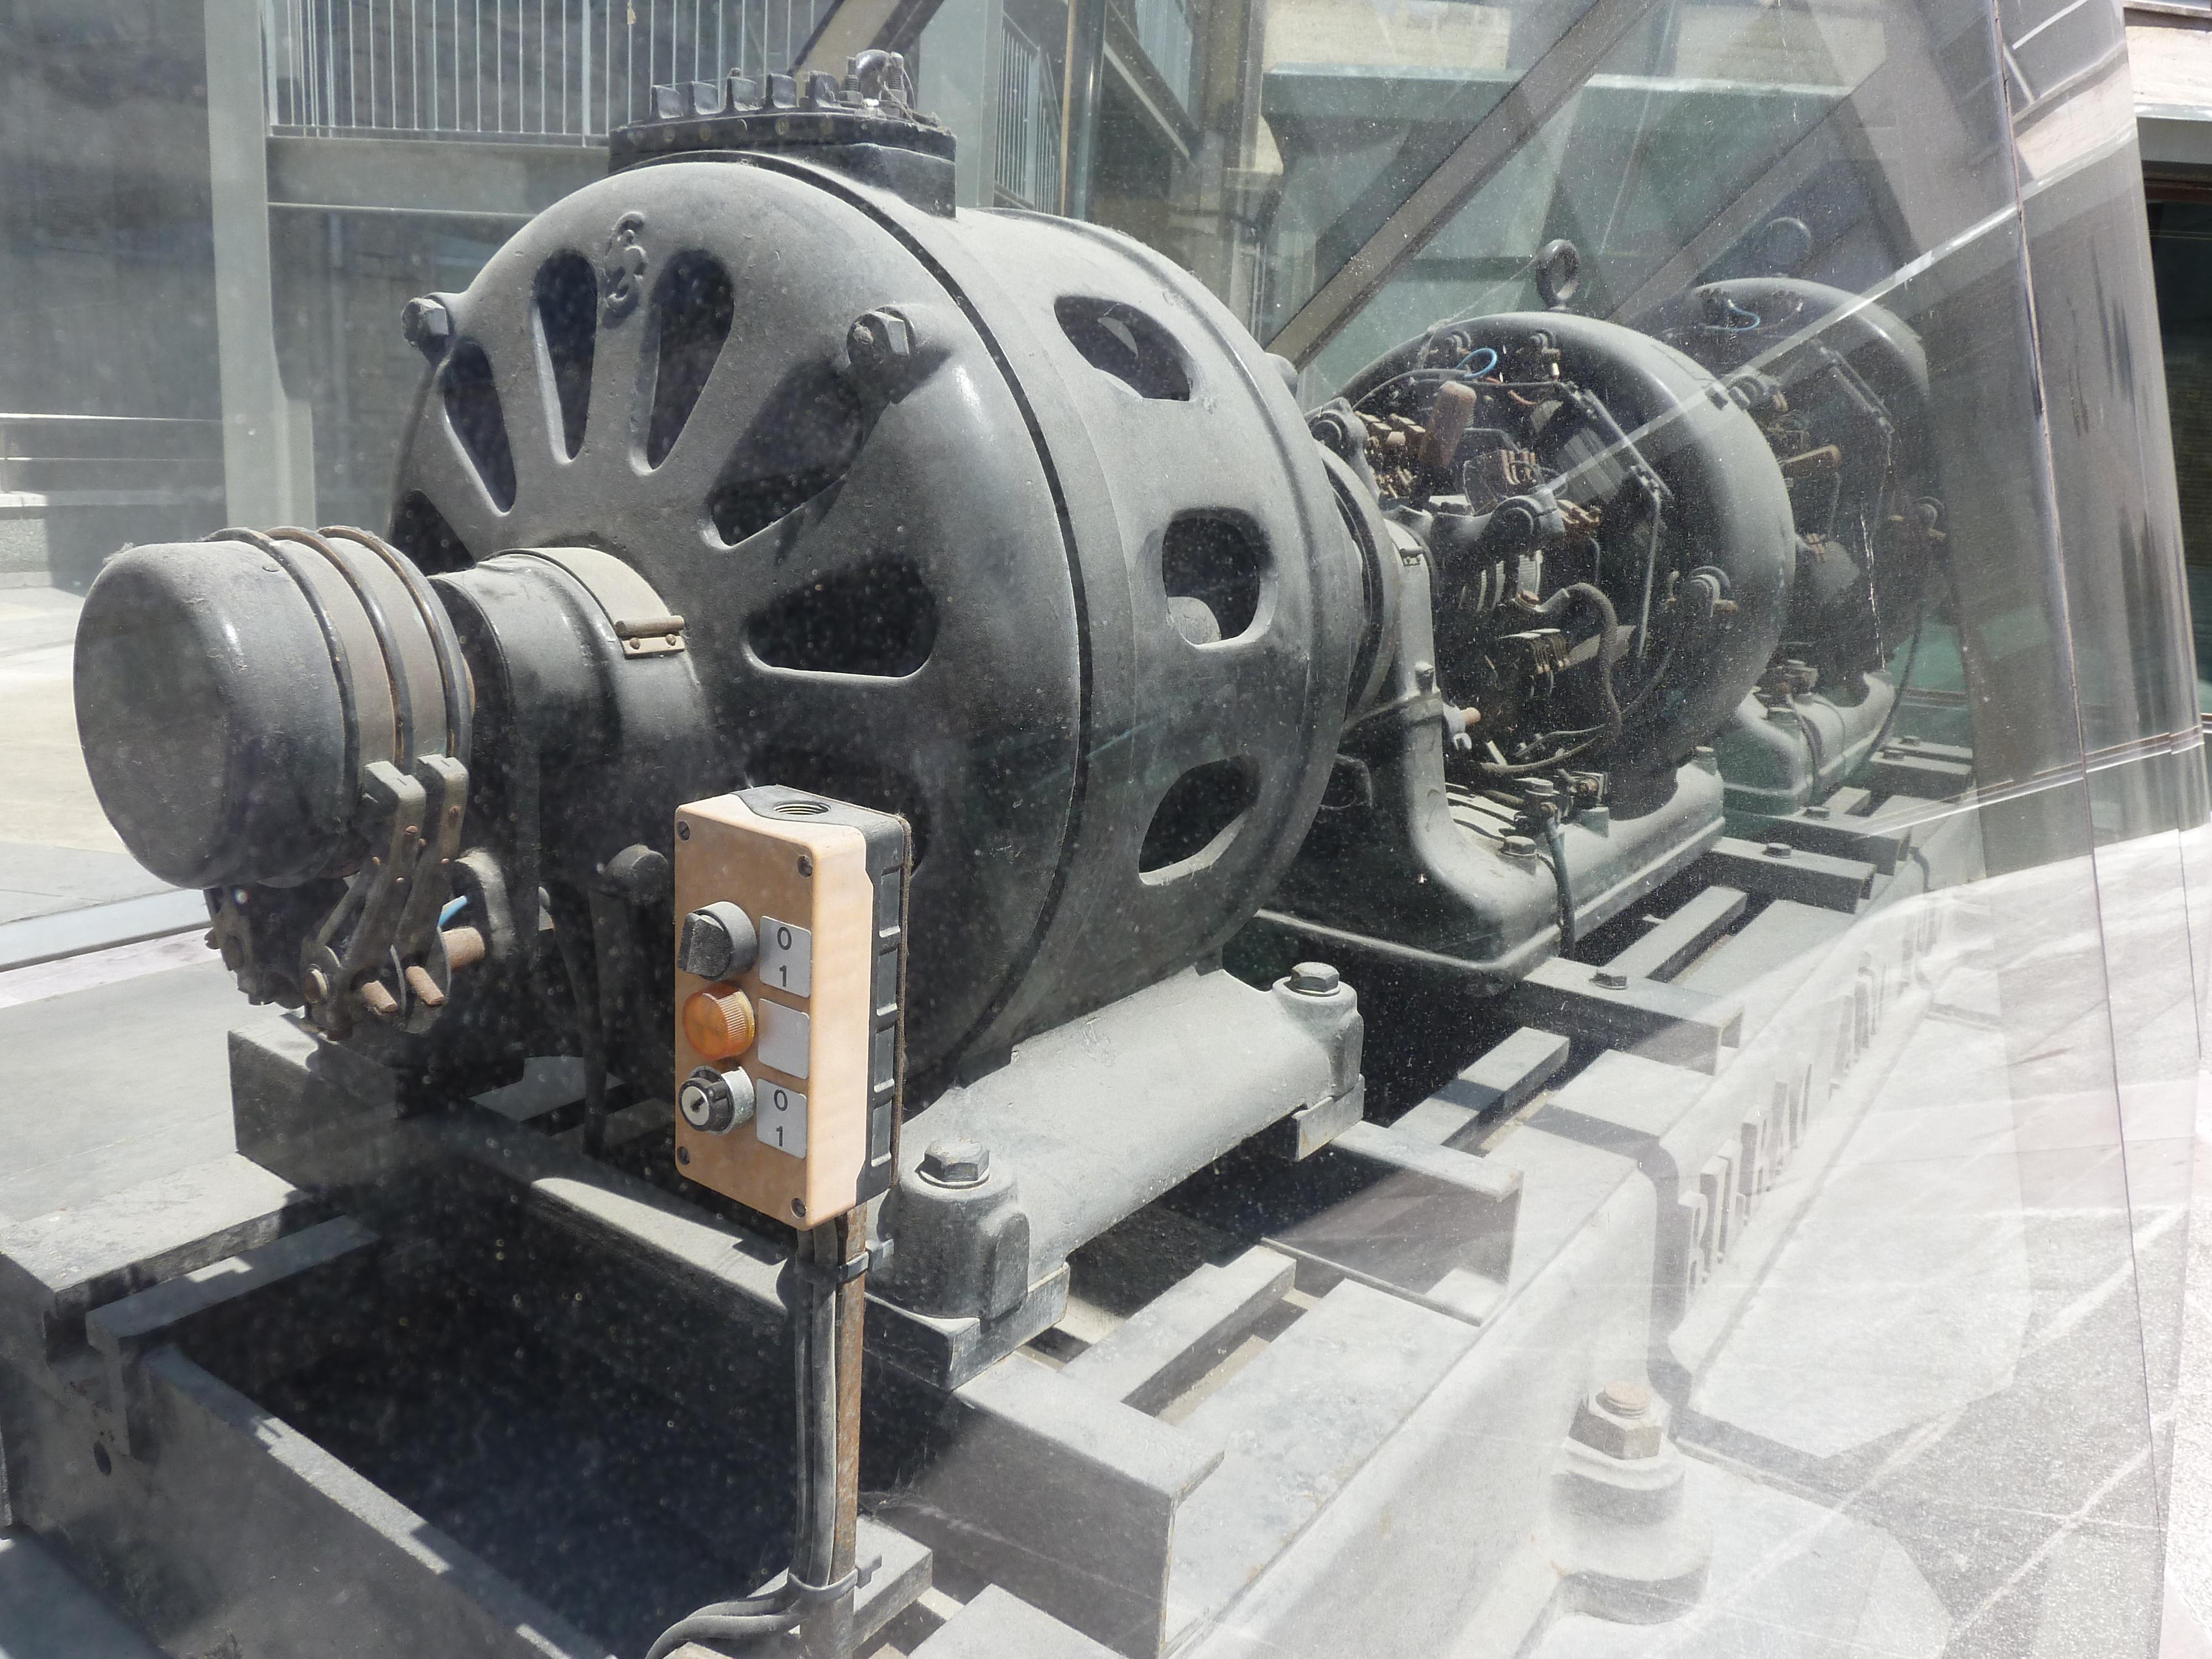 1906 generador corriente alterna e ing 13 avpiop - Generadores de corriente ...